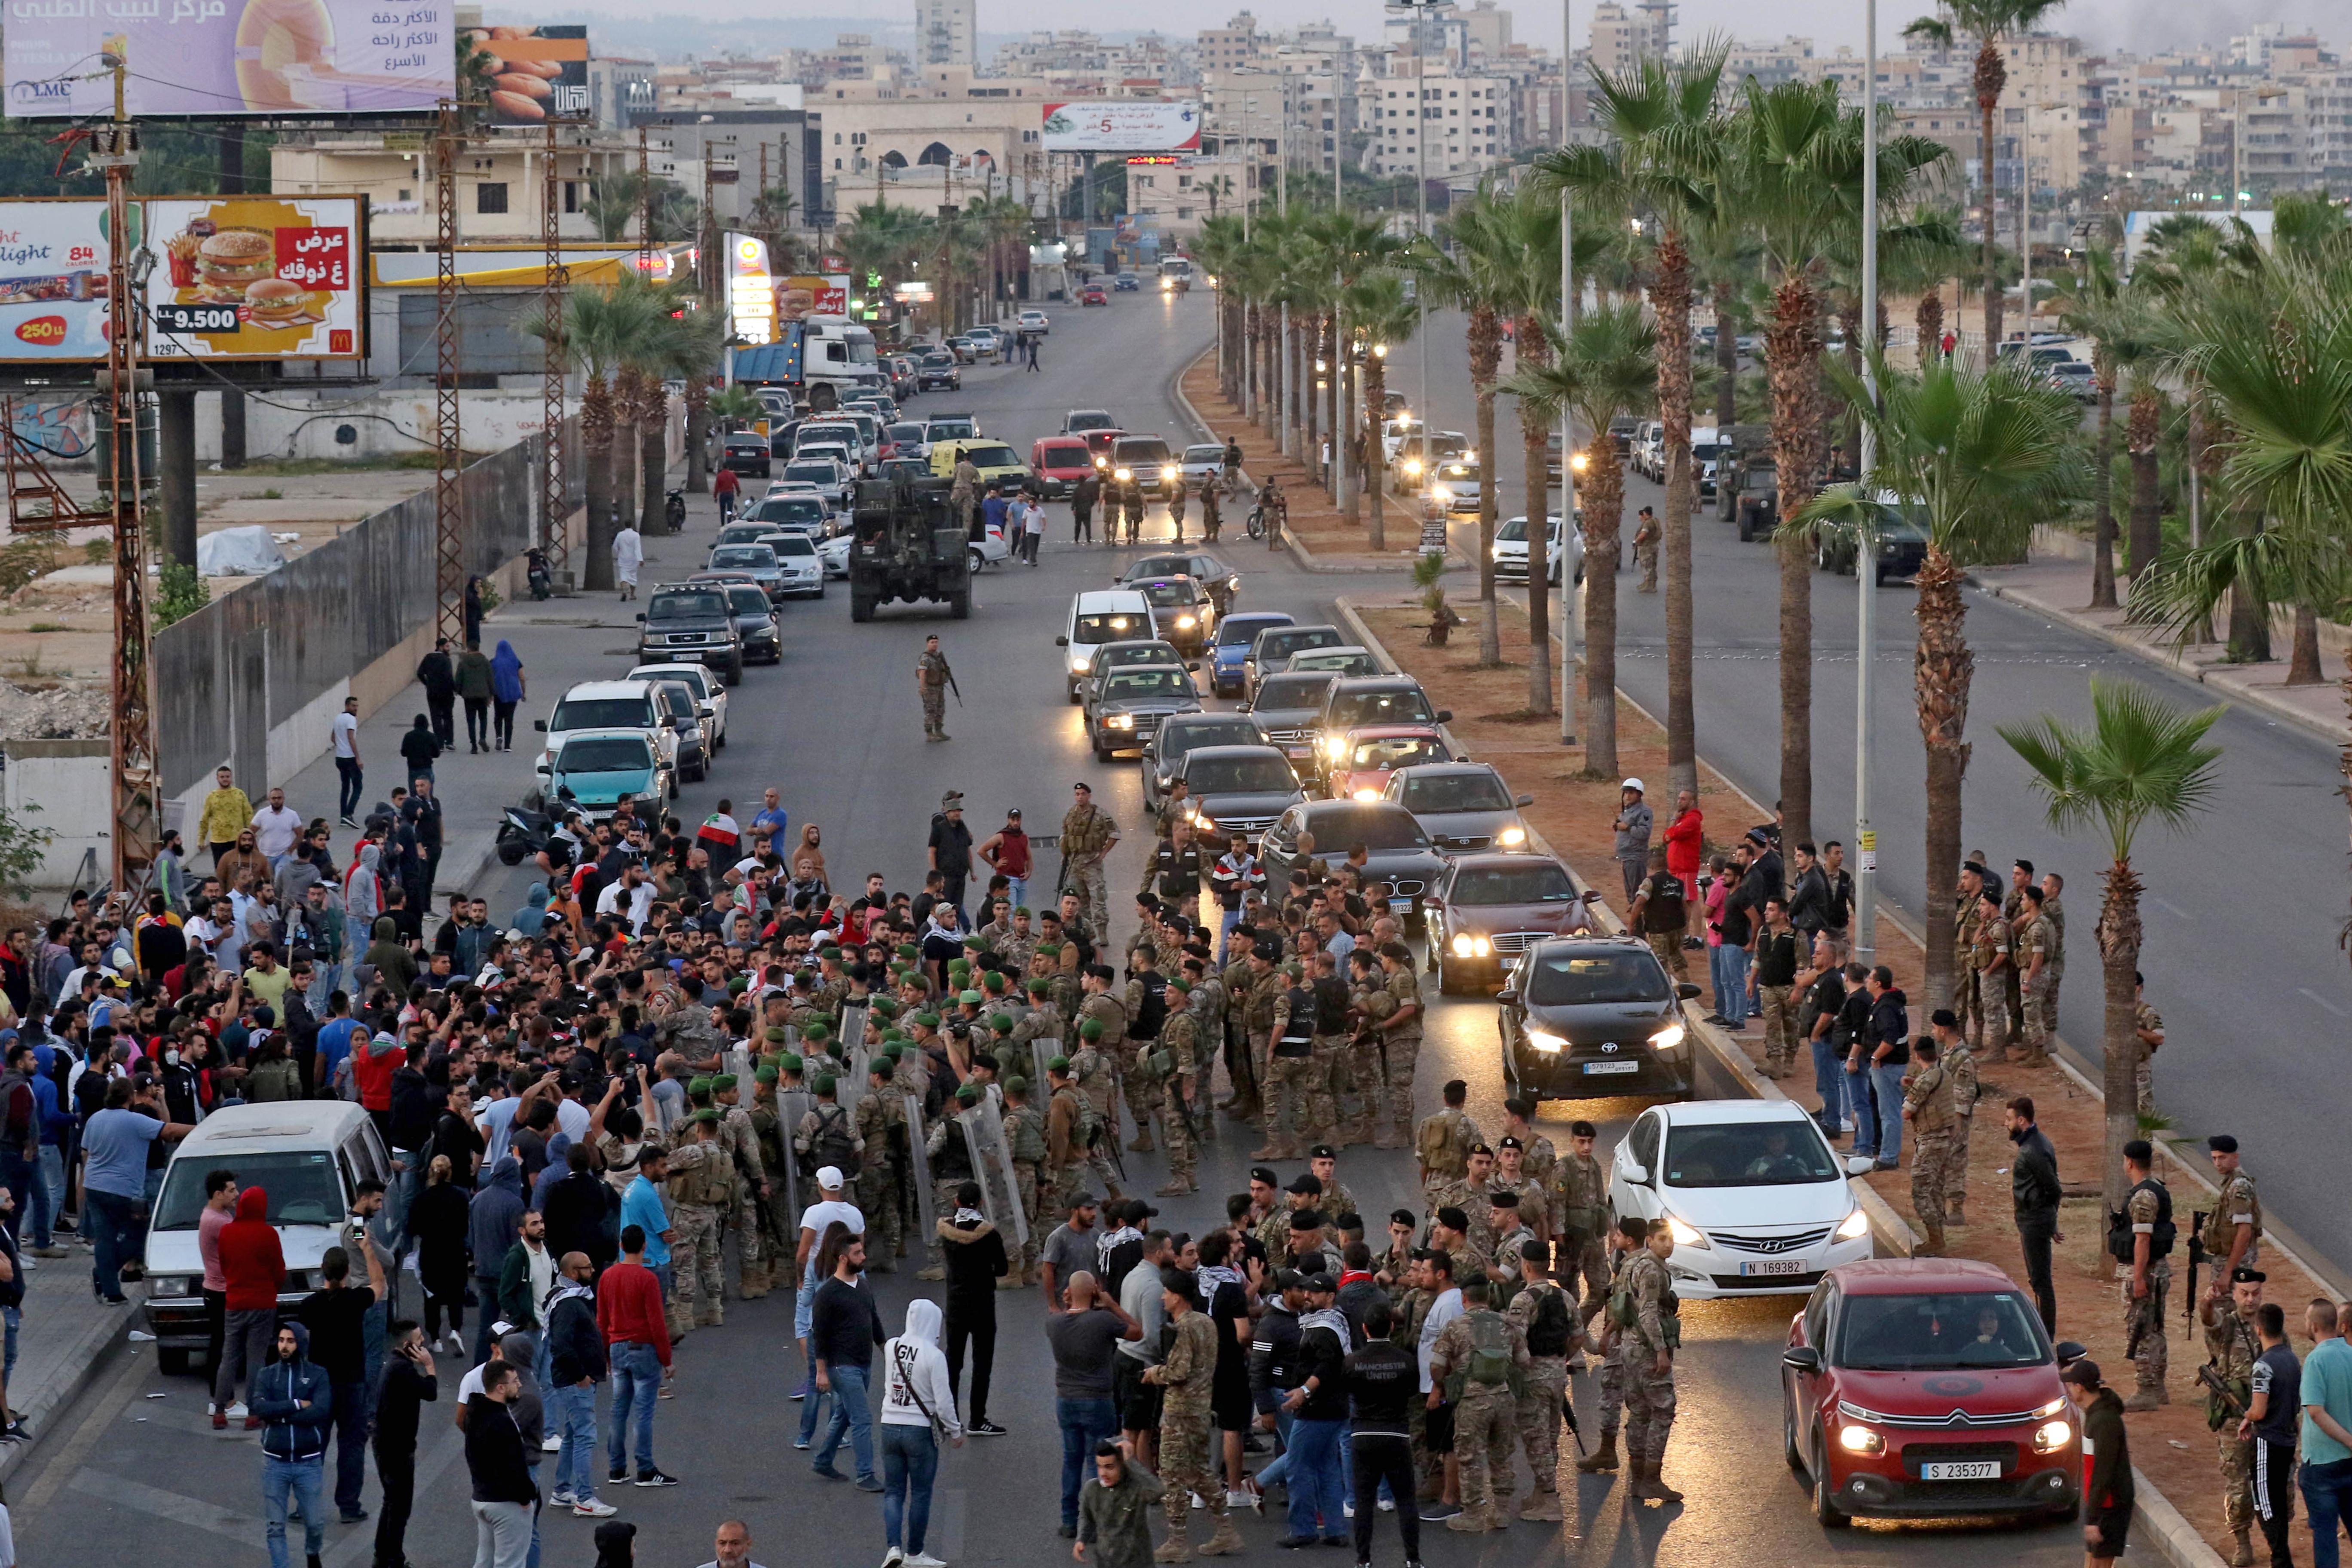 الجيش اللبناني يحاول فتح الطريق في مدينة صيدا